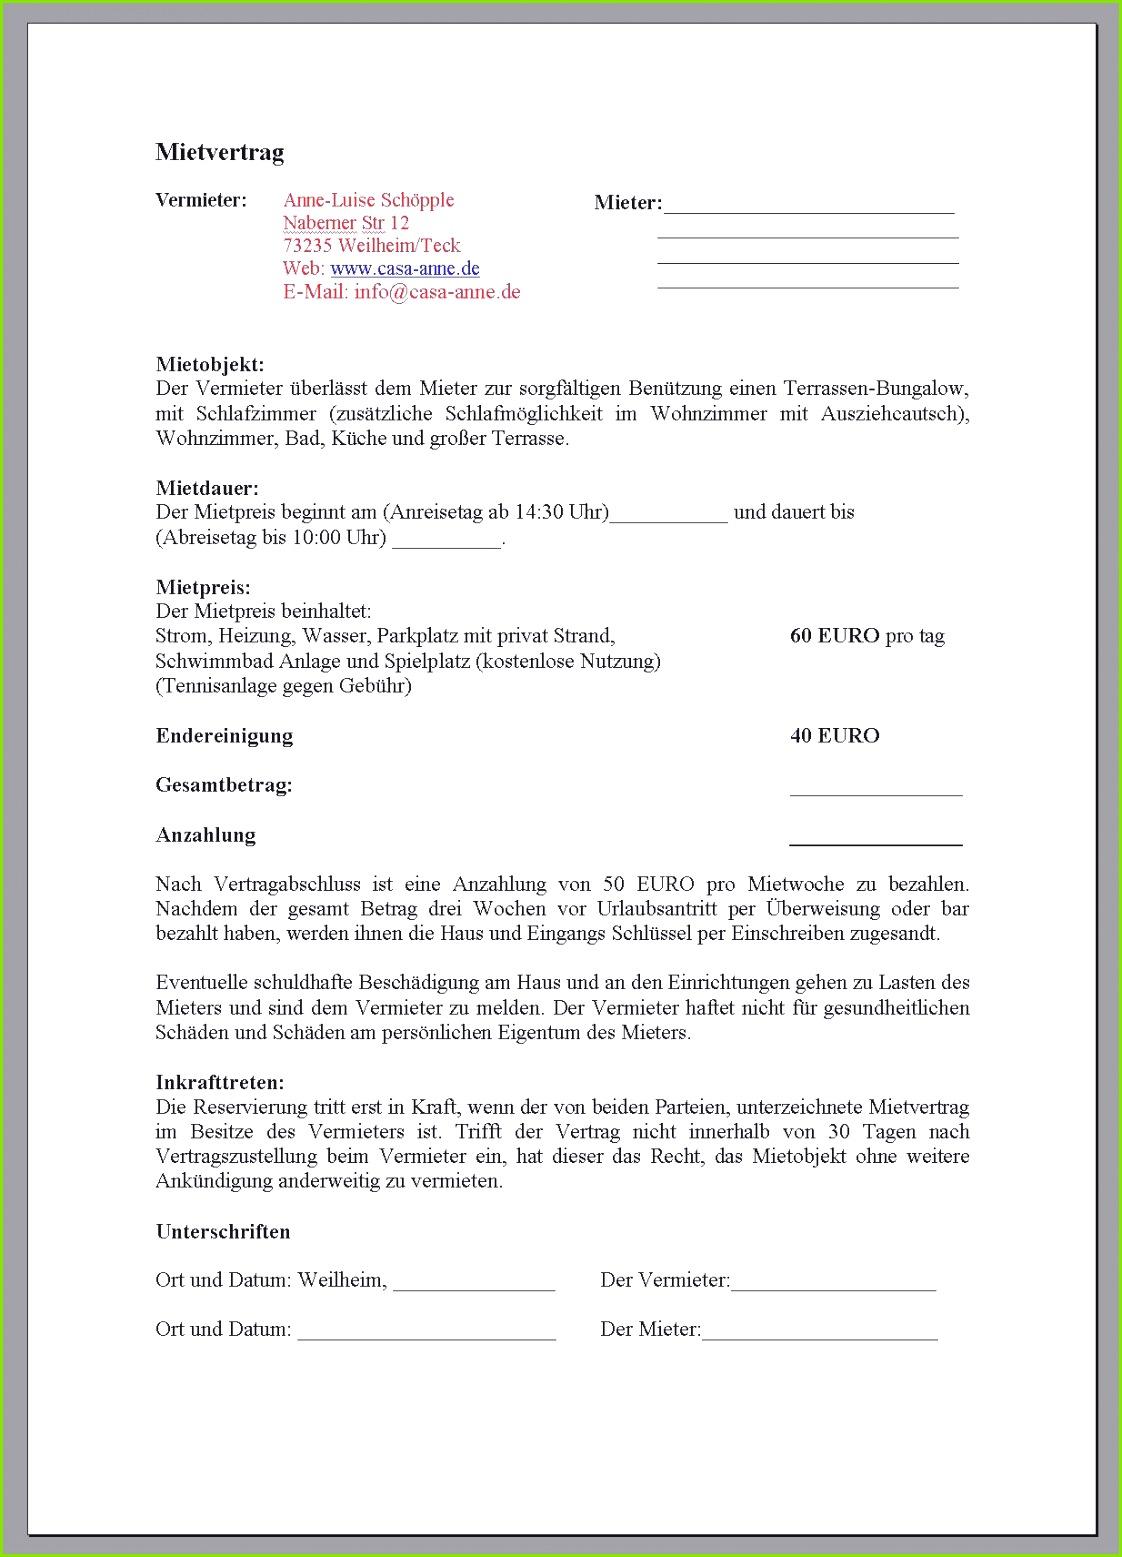 Schön Eigentum Inventar Vorlage Bilder Bilder für das Lebenslauf Die Fabelhaften 34 Kündigung O2 Vertrag Vorlage – O2 Dsl Kündigung Vorlage